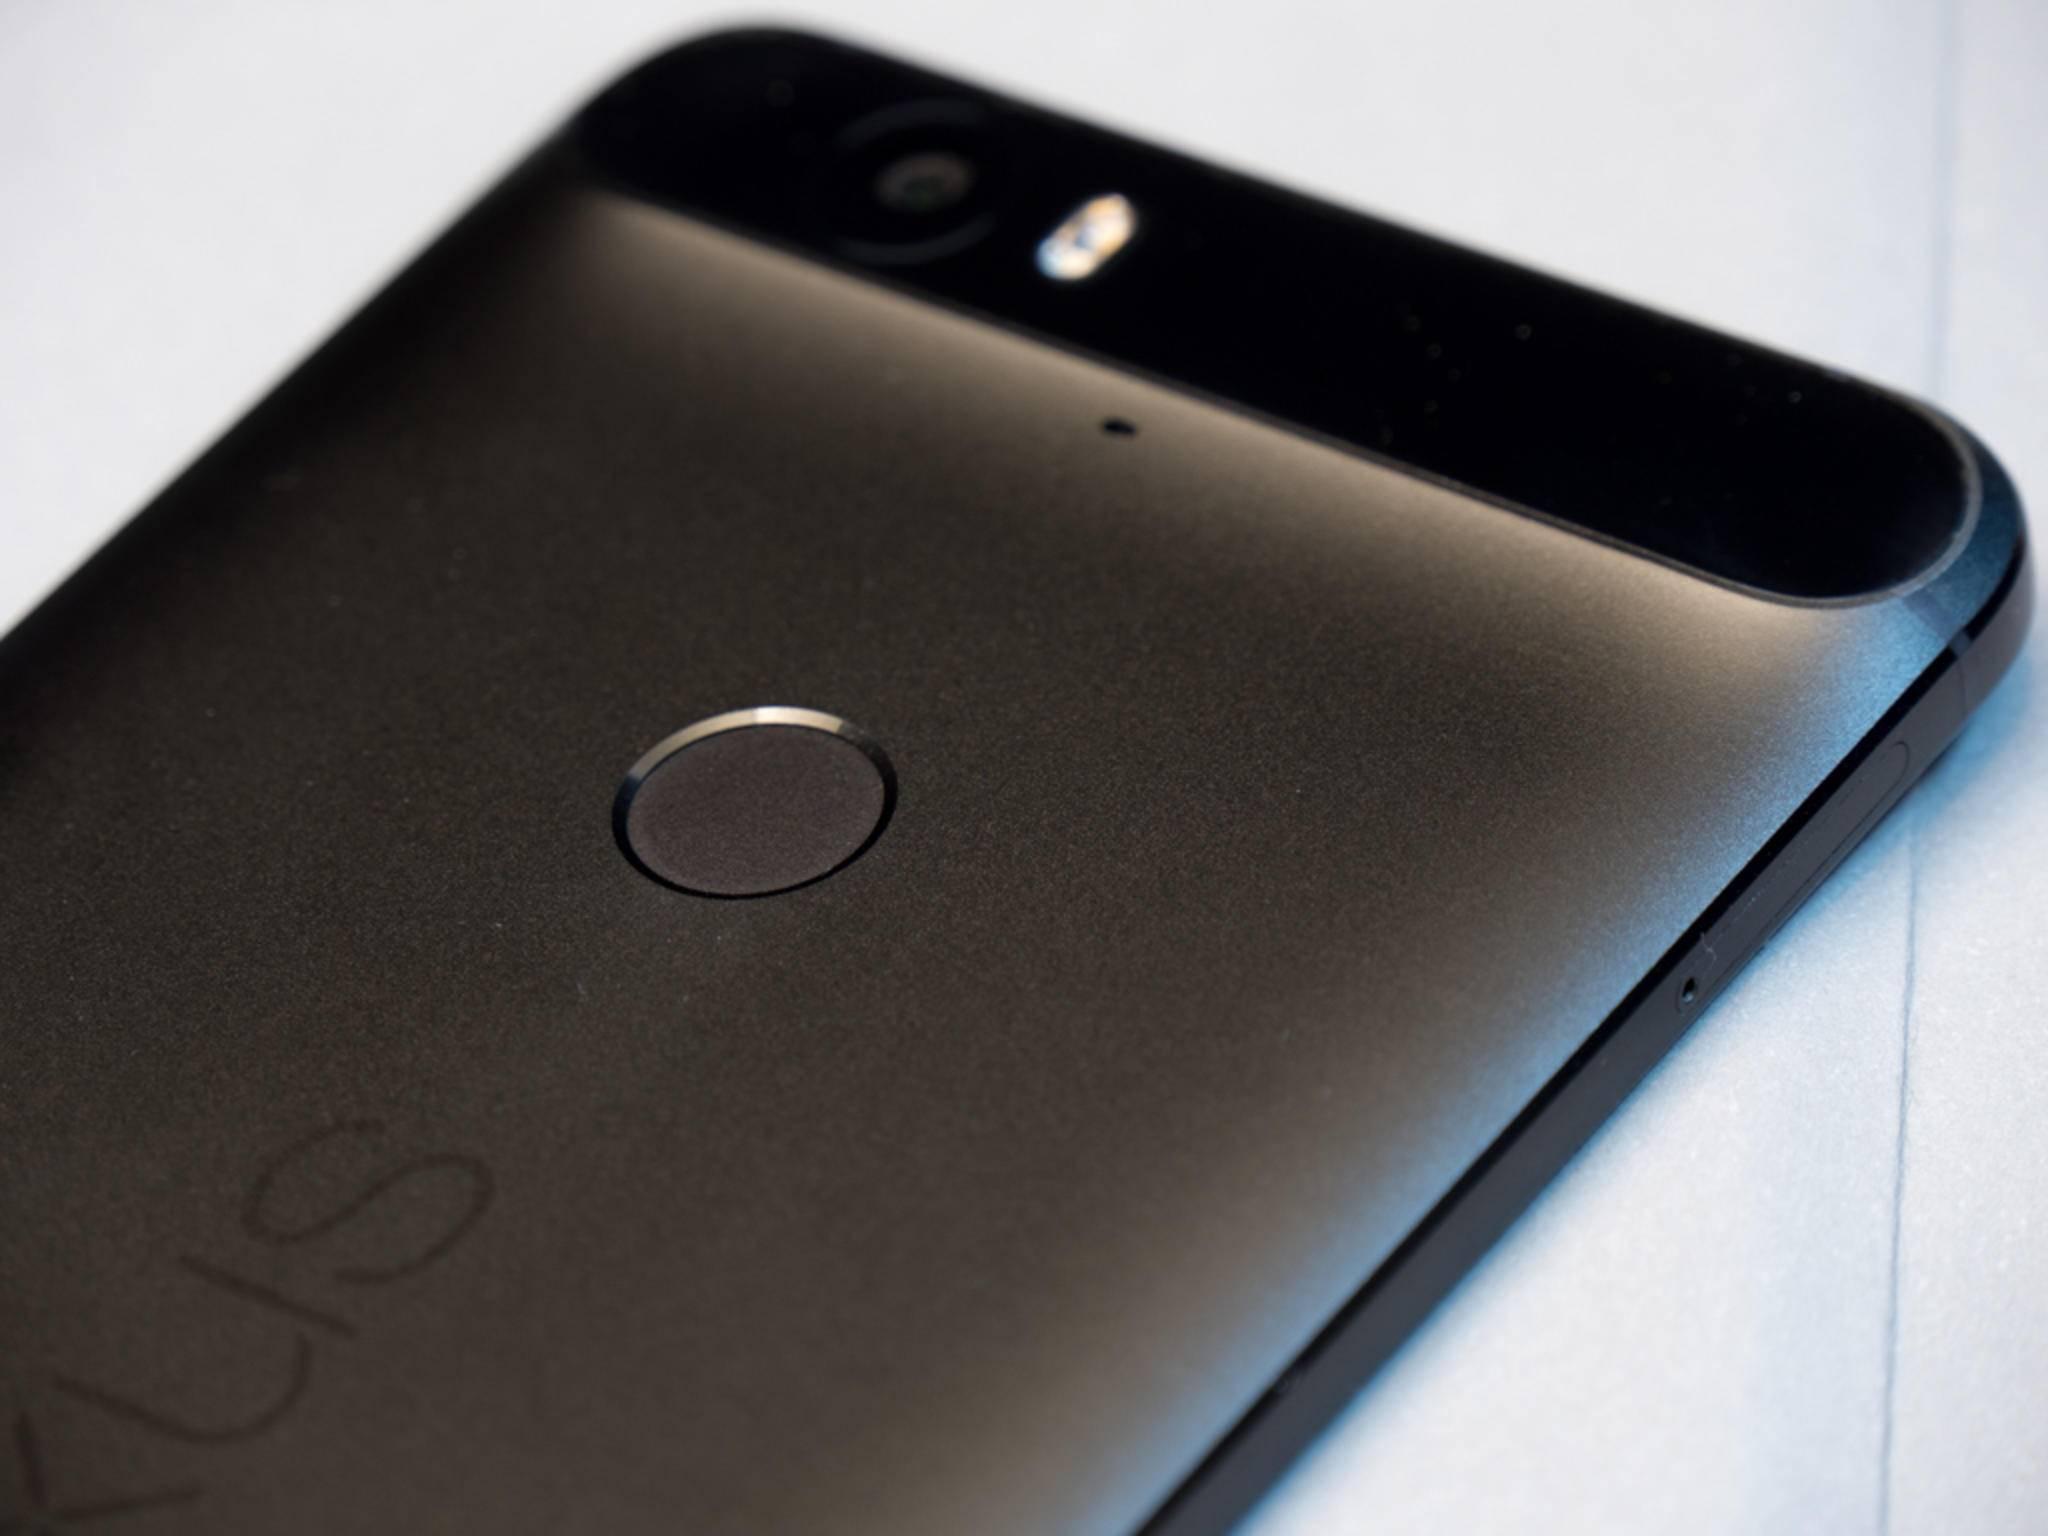 Der Nexus-Fingerabdrucksensor bekommt wohl ein neues Feature.